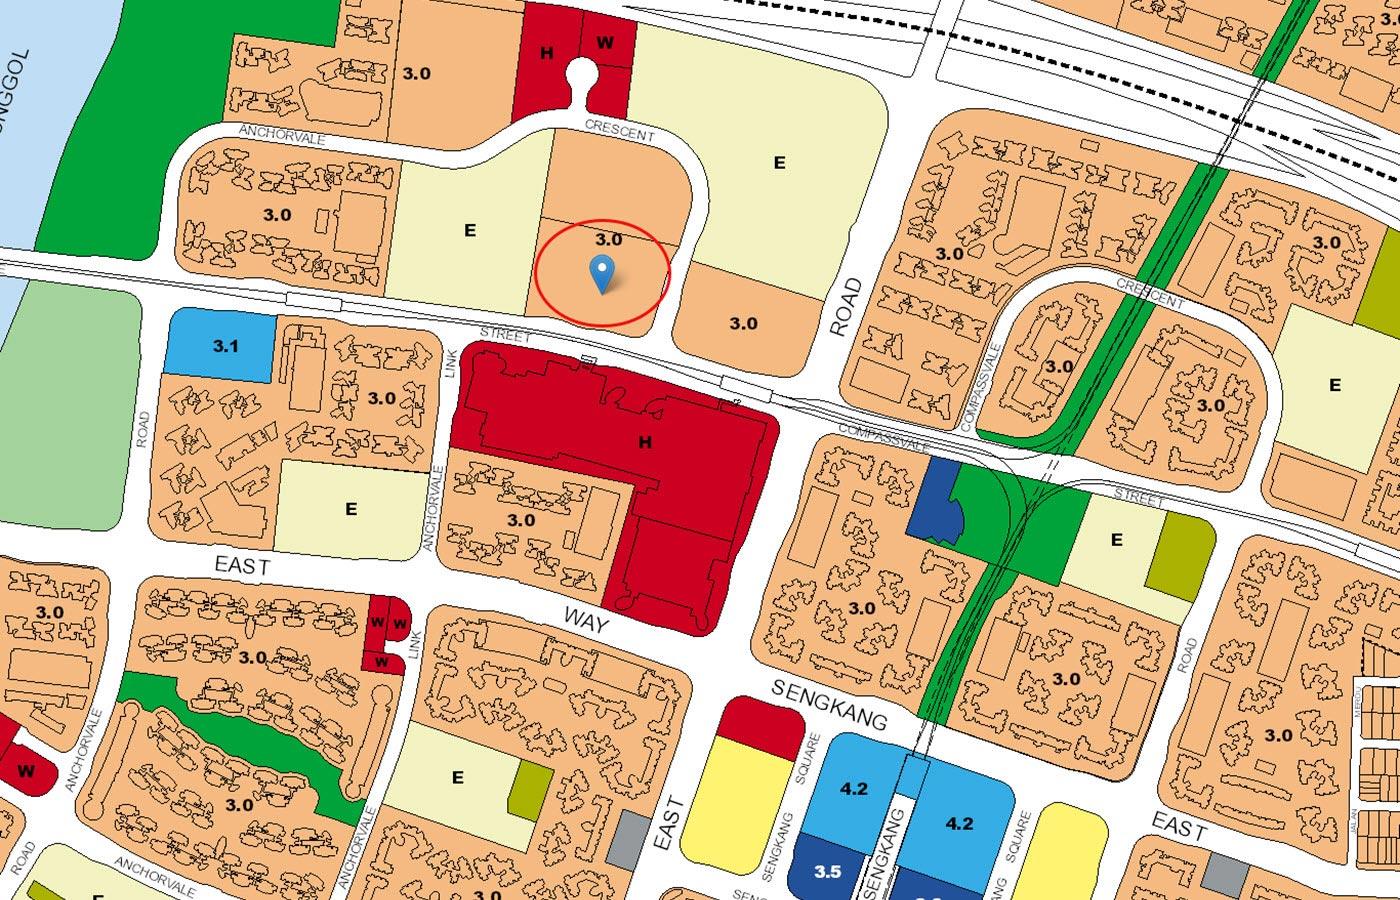 Ola-Executive-Condo-URA-Master-Plan-Map